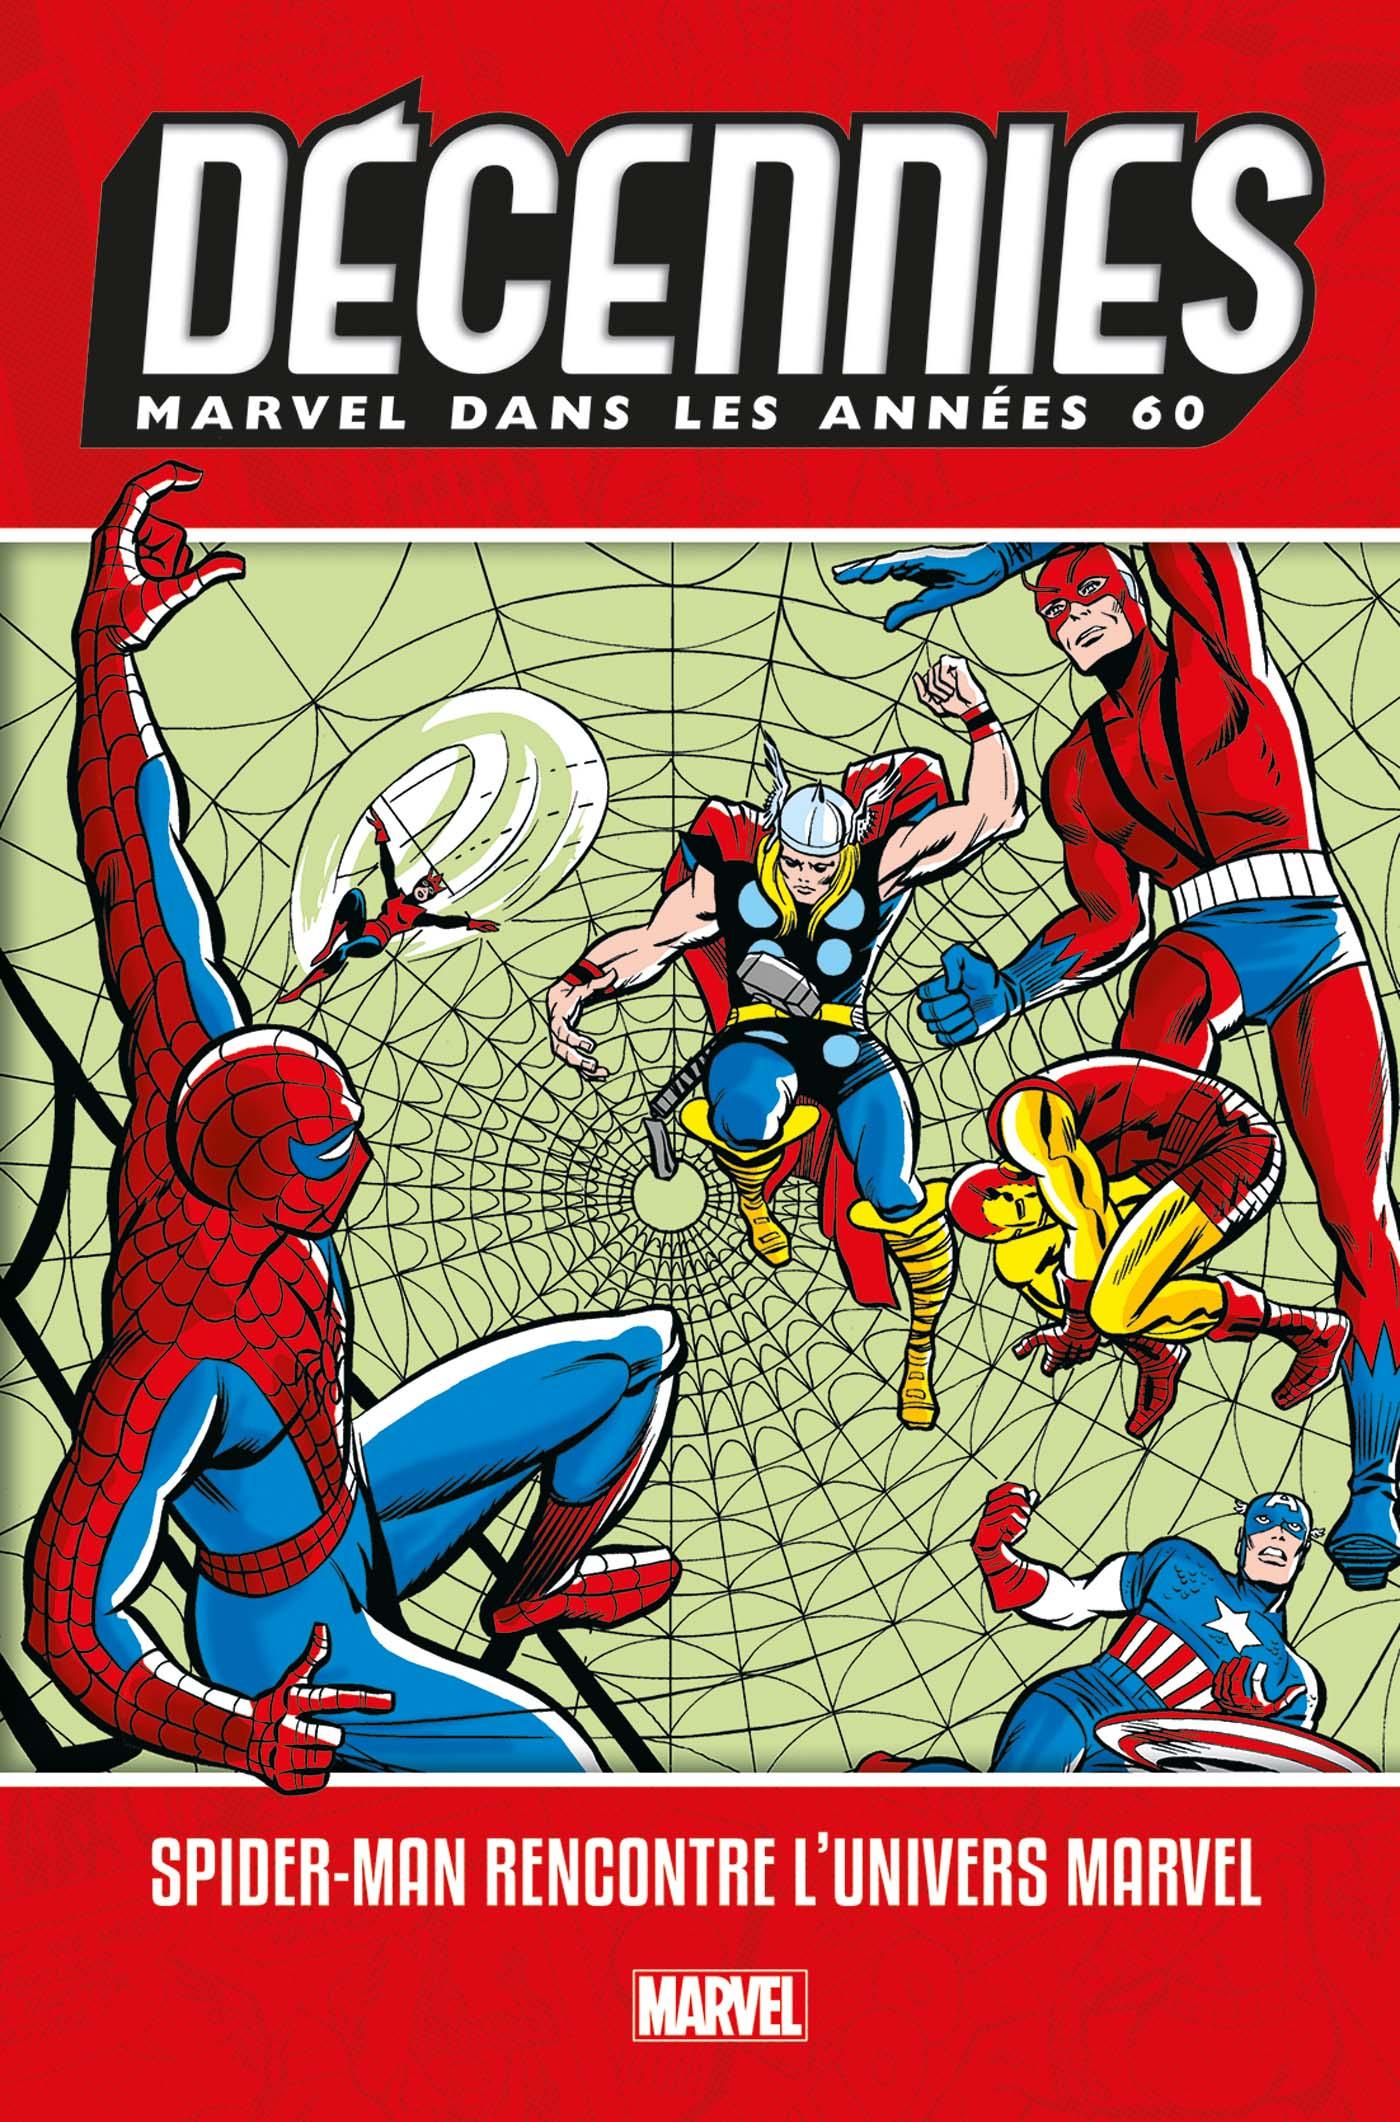 LES DÉCENNIES MARVEL : LES ANNÉES 60 SPIDER-MAN (VF)